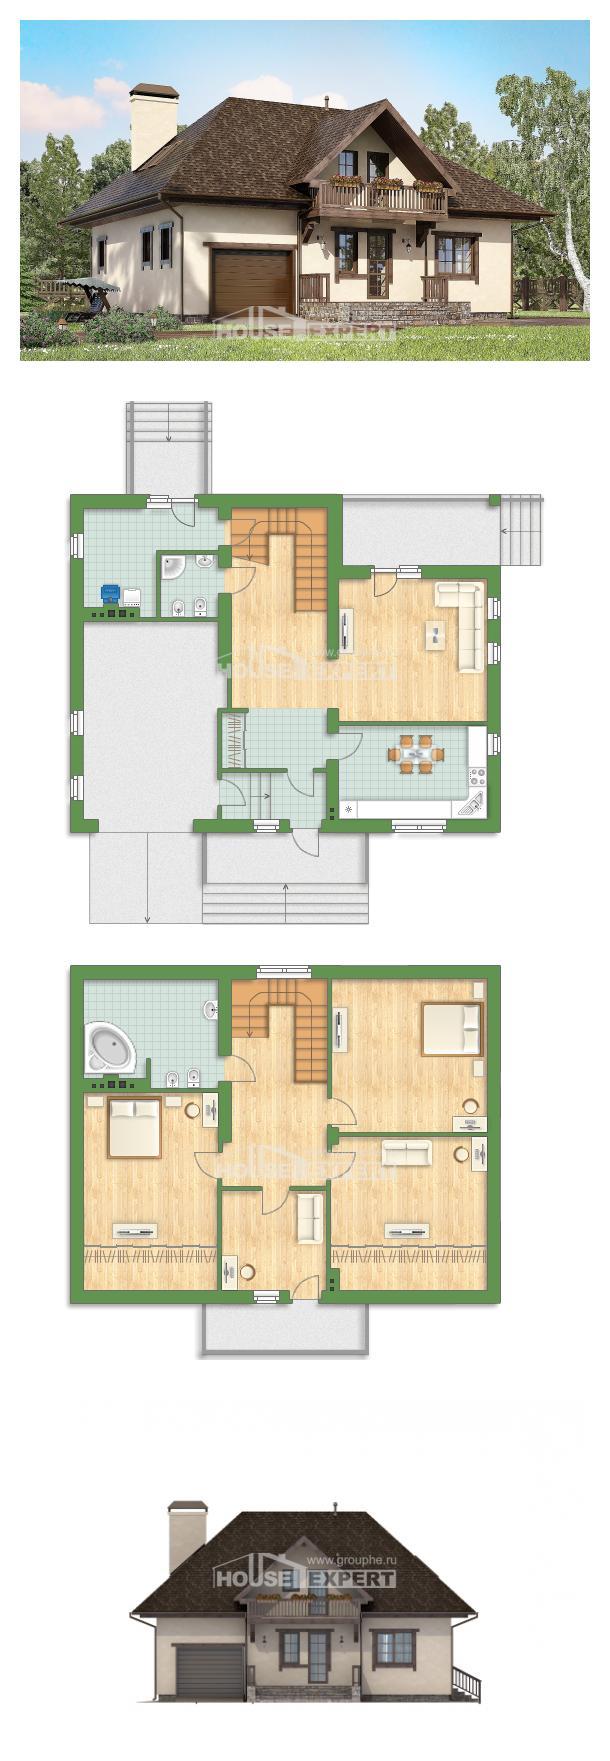 Plan 200-001-L | House Expert